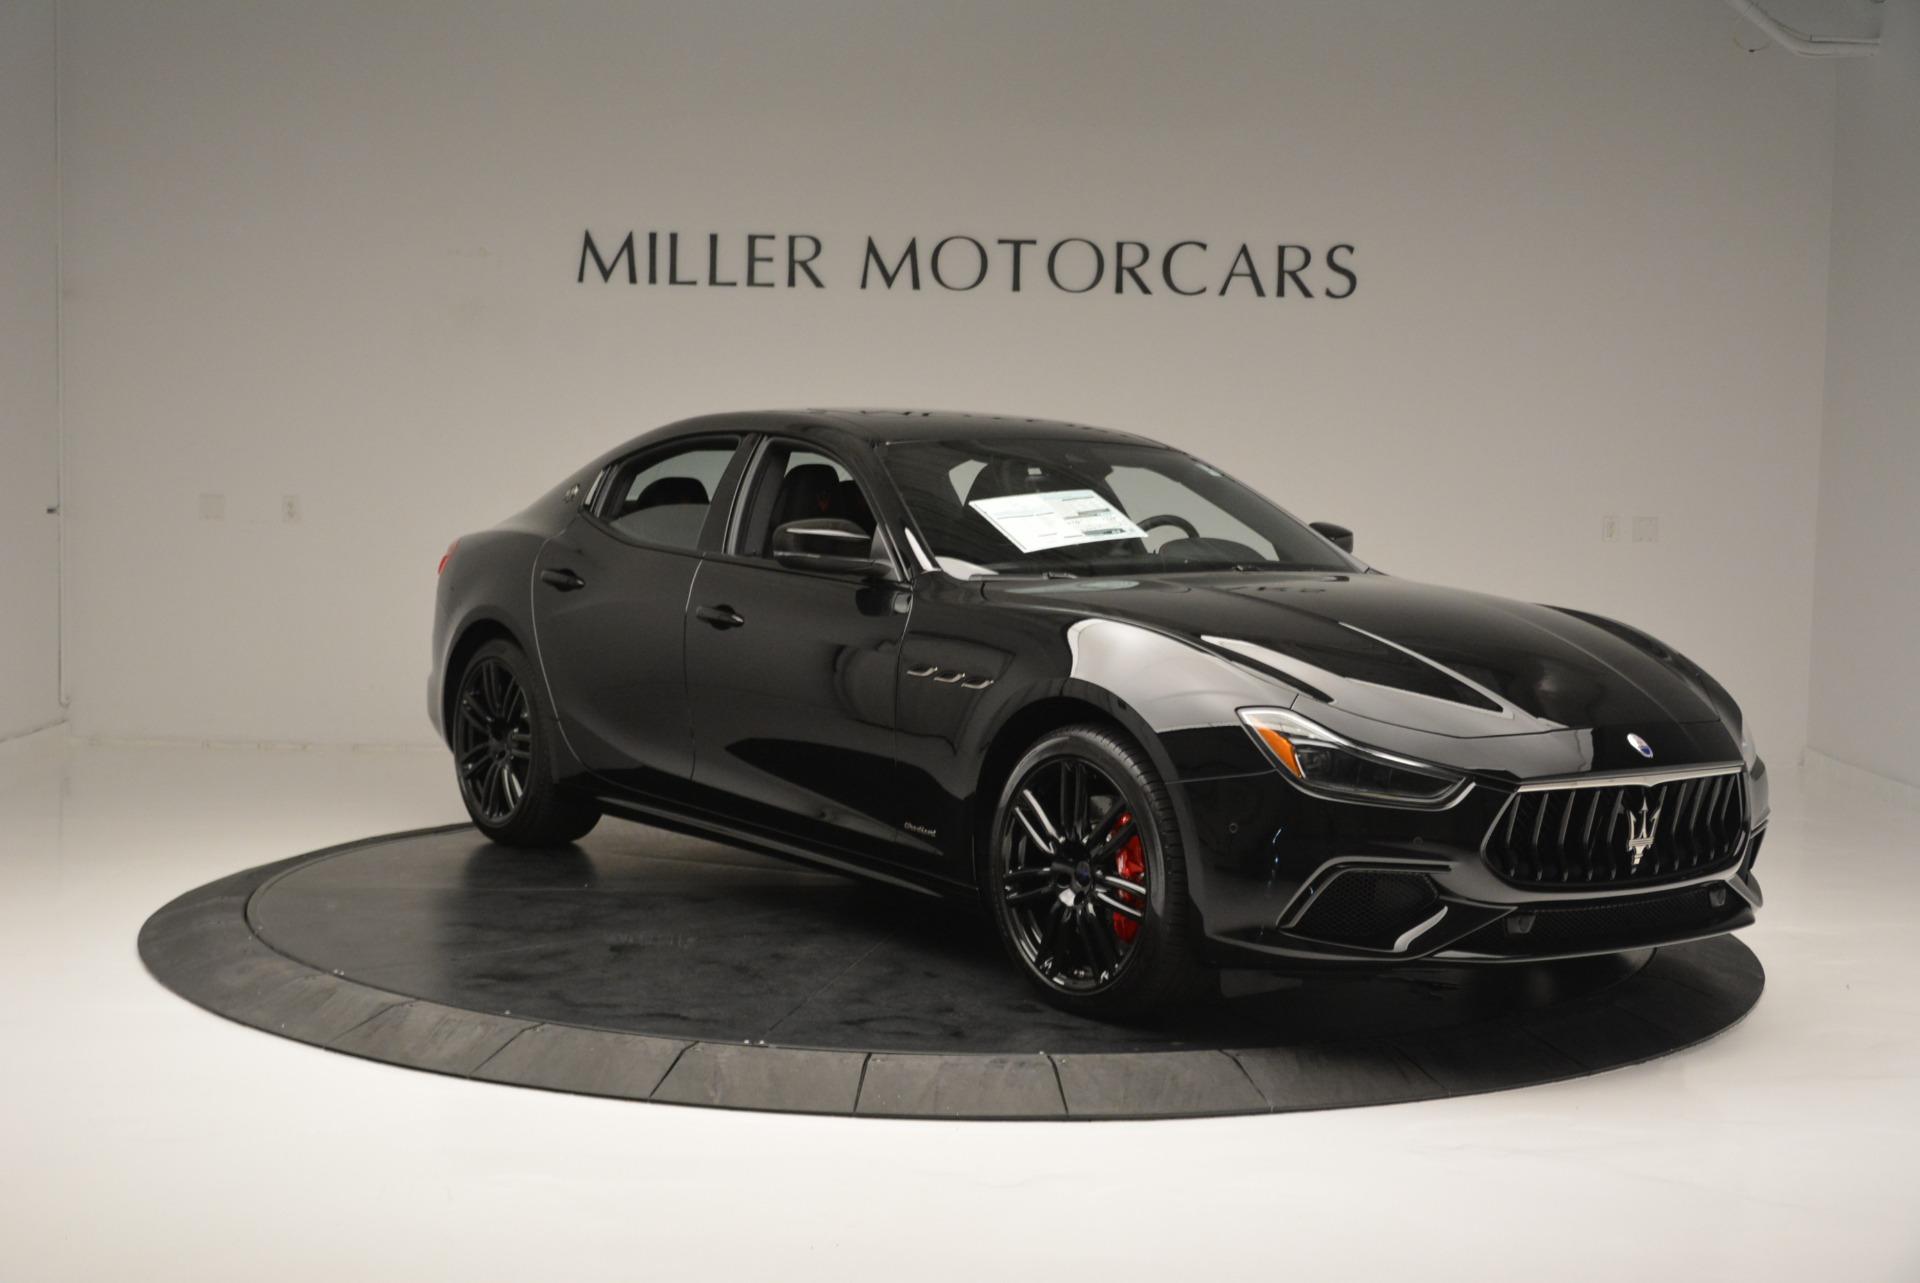 New 2018 Maserati Ghibli SQ4 GranSport Nerissimo For Sale In Greenwich, CT. Alfa Romeo of Greenwich, M2173 2368_p11